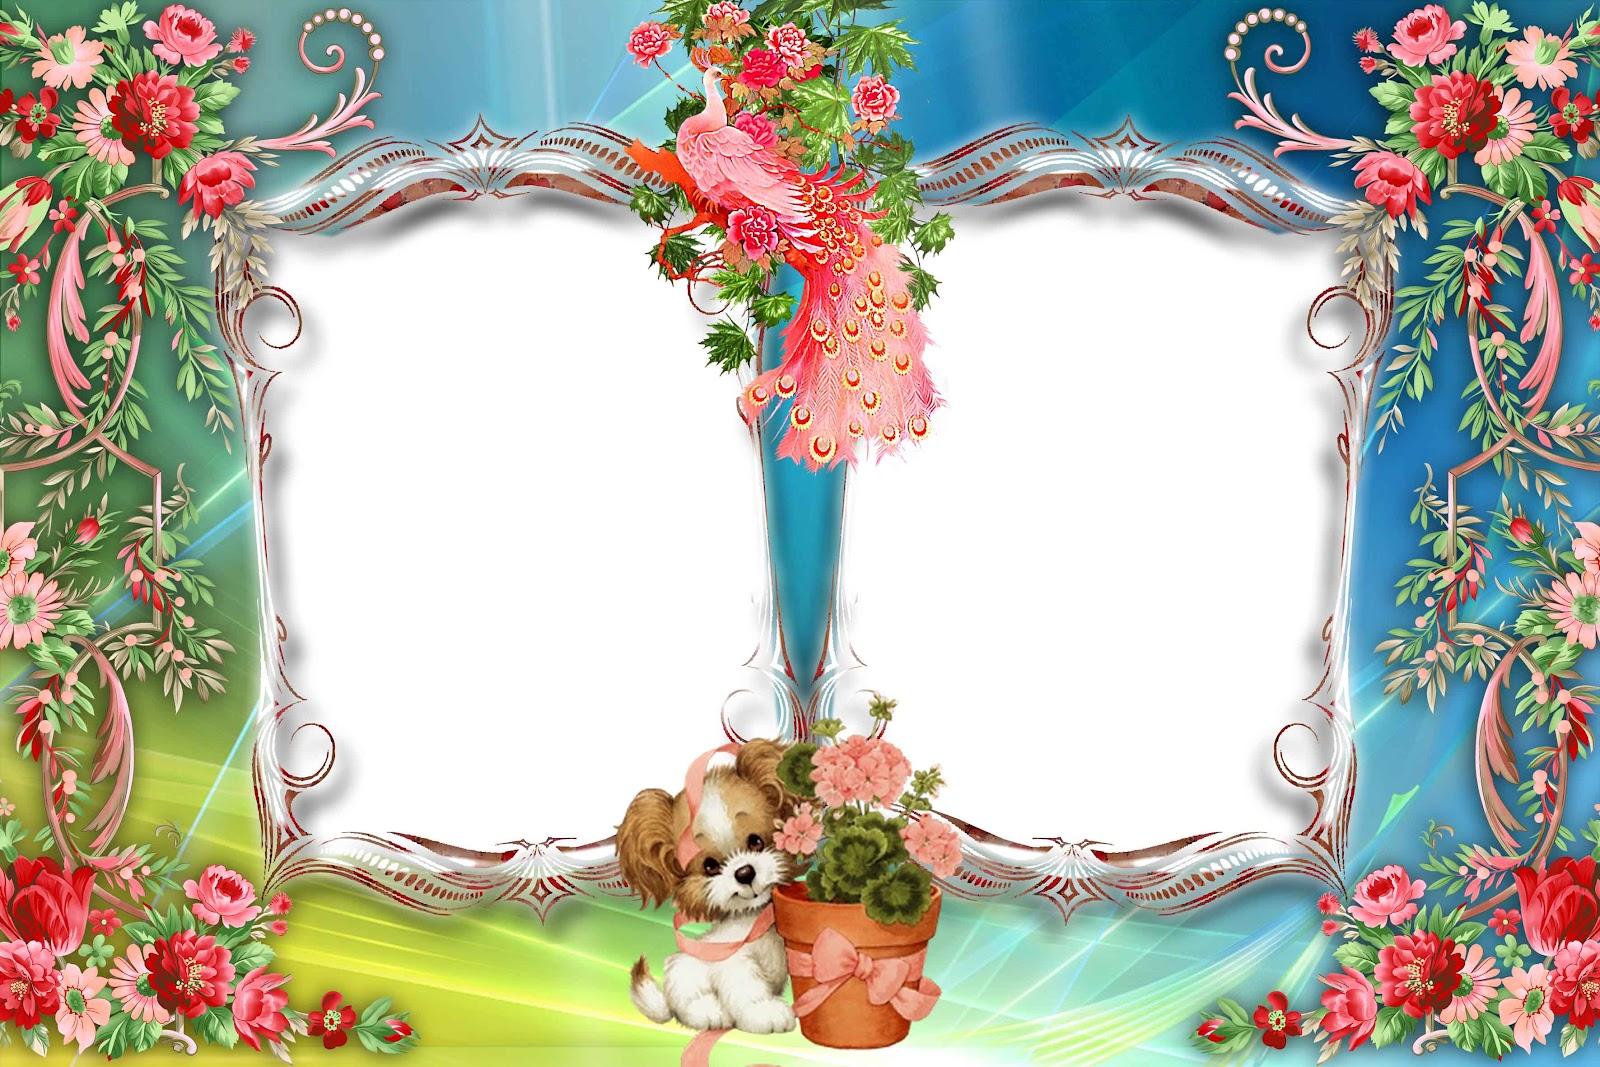 frame for kids | png frame